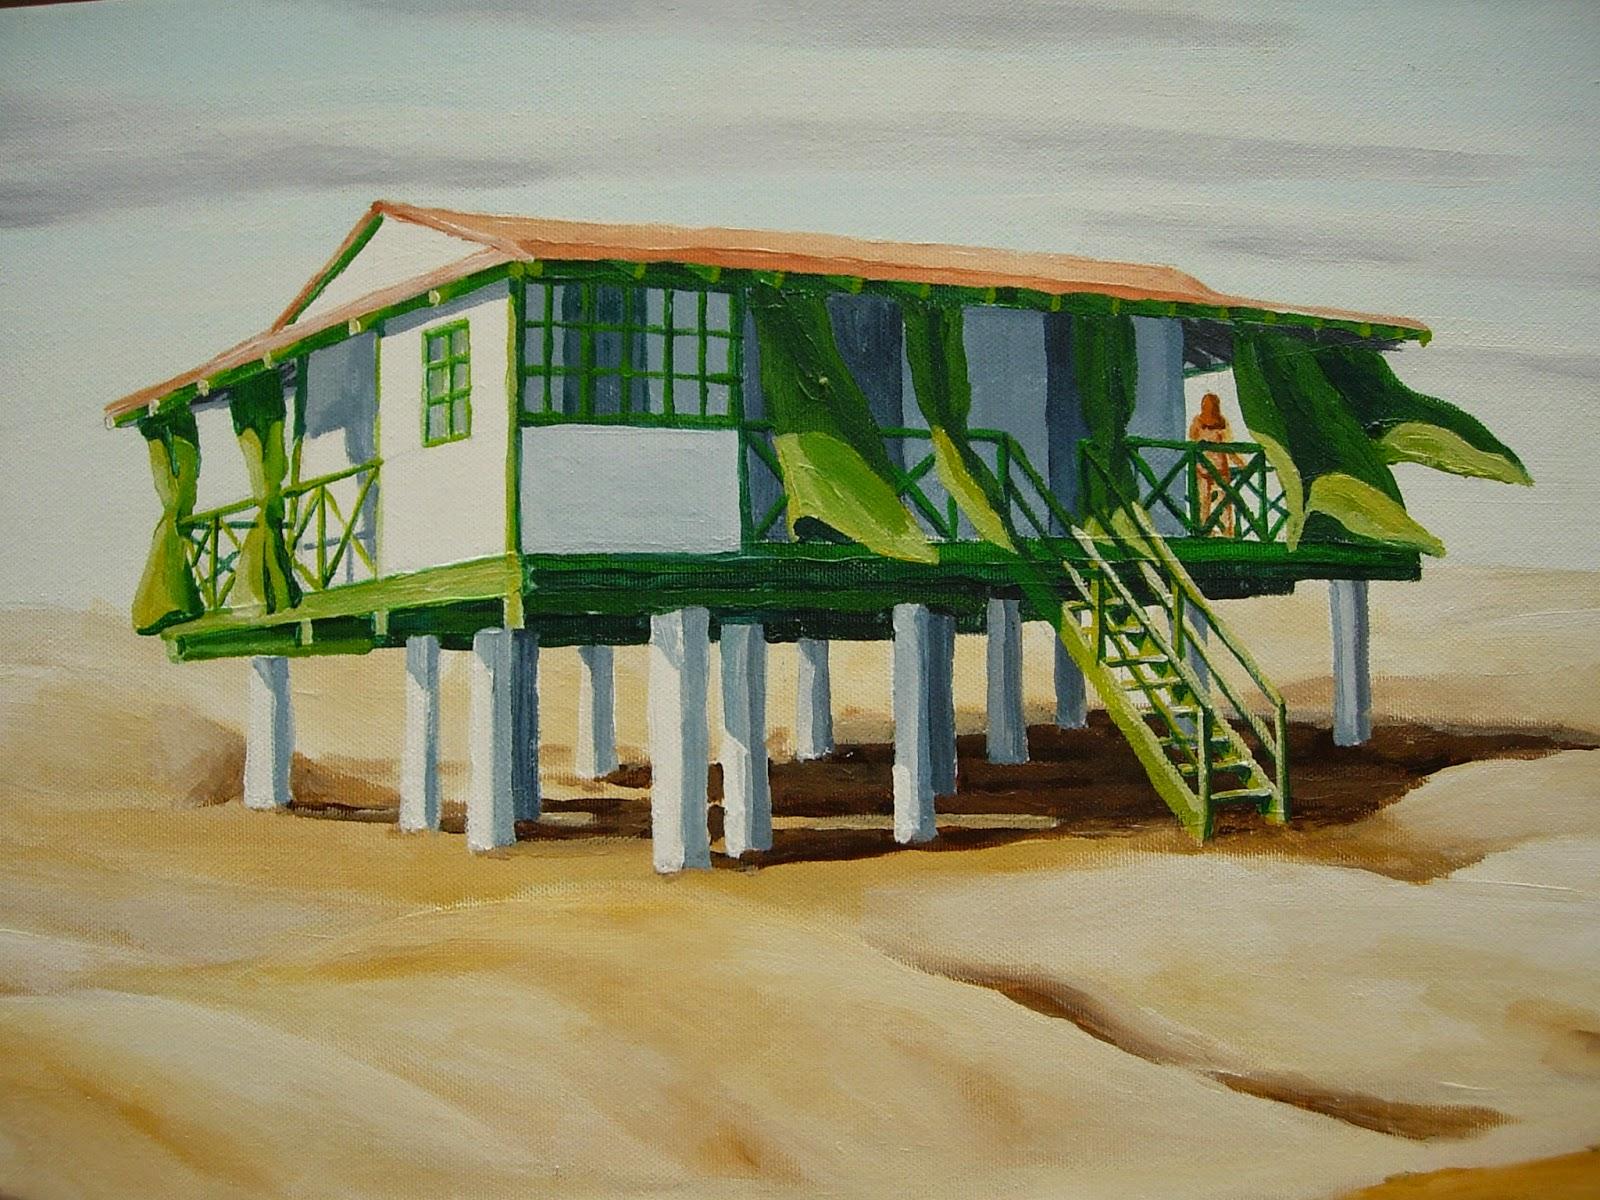 Punta umbr a pinturas dibujos escritos la casa de madera - La casa de los cuadros ...